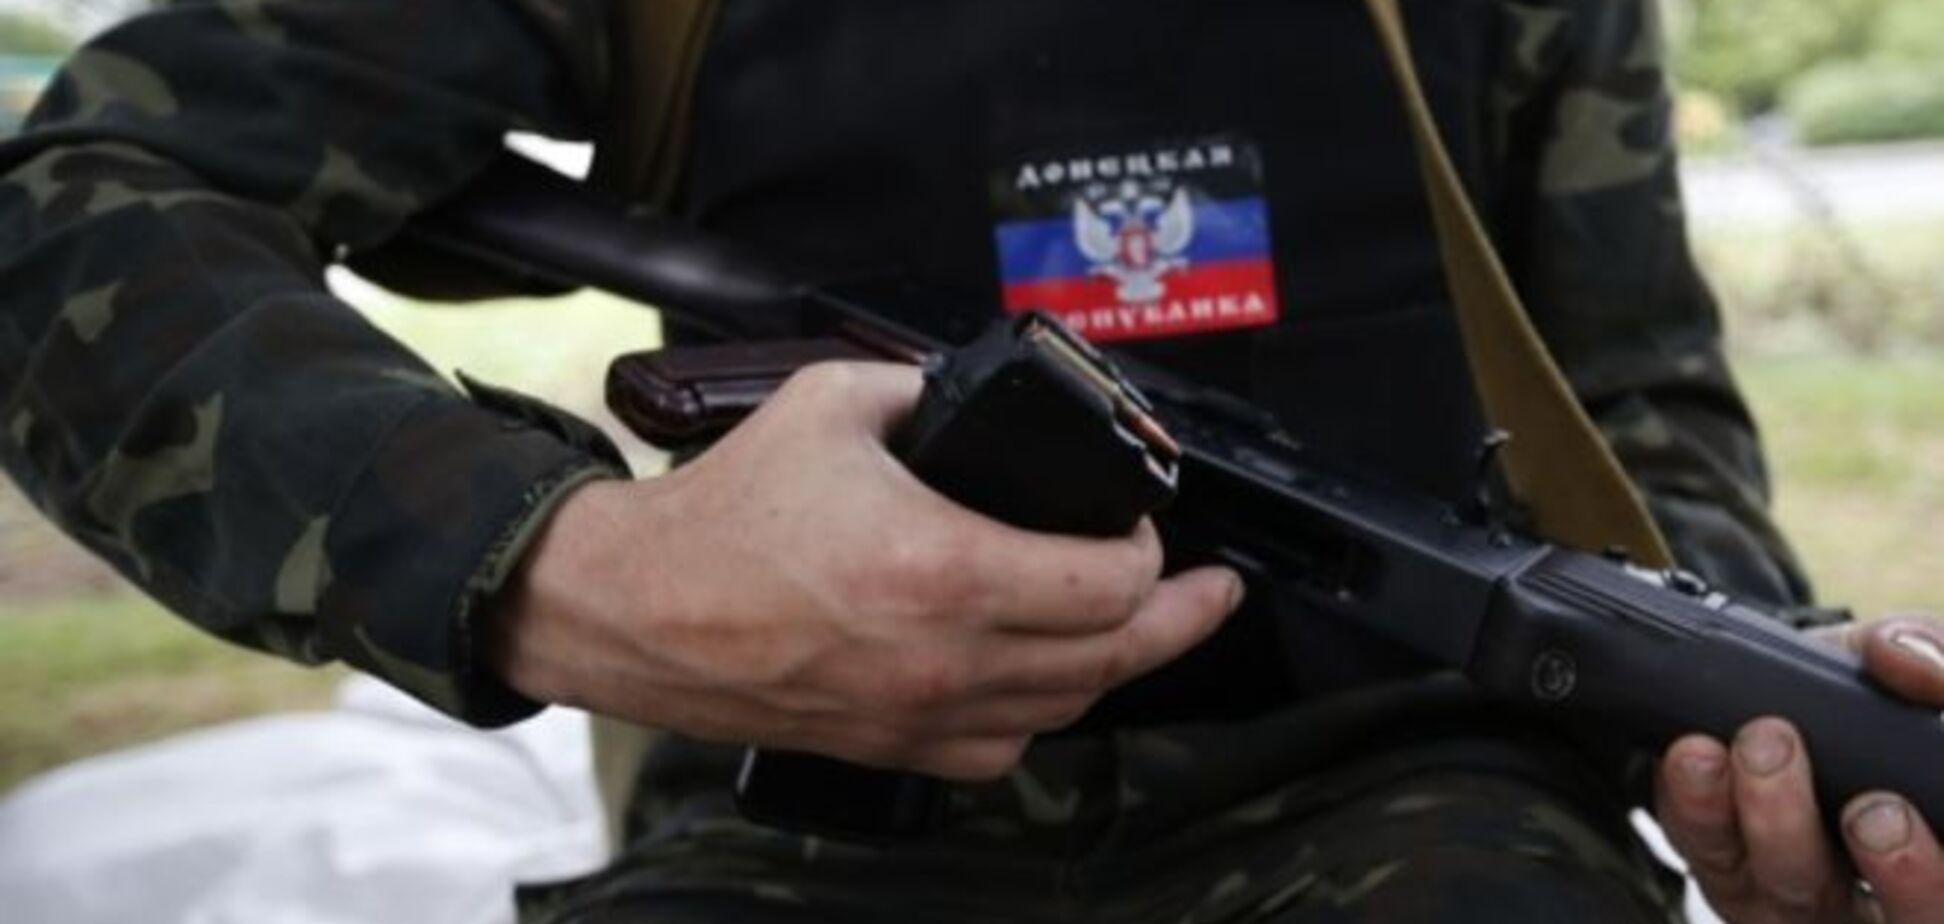 Пошел за еду: в Красноармейске задержали 18-летнего террориста